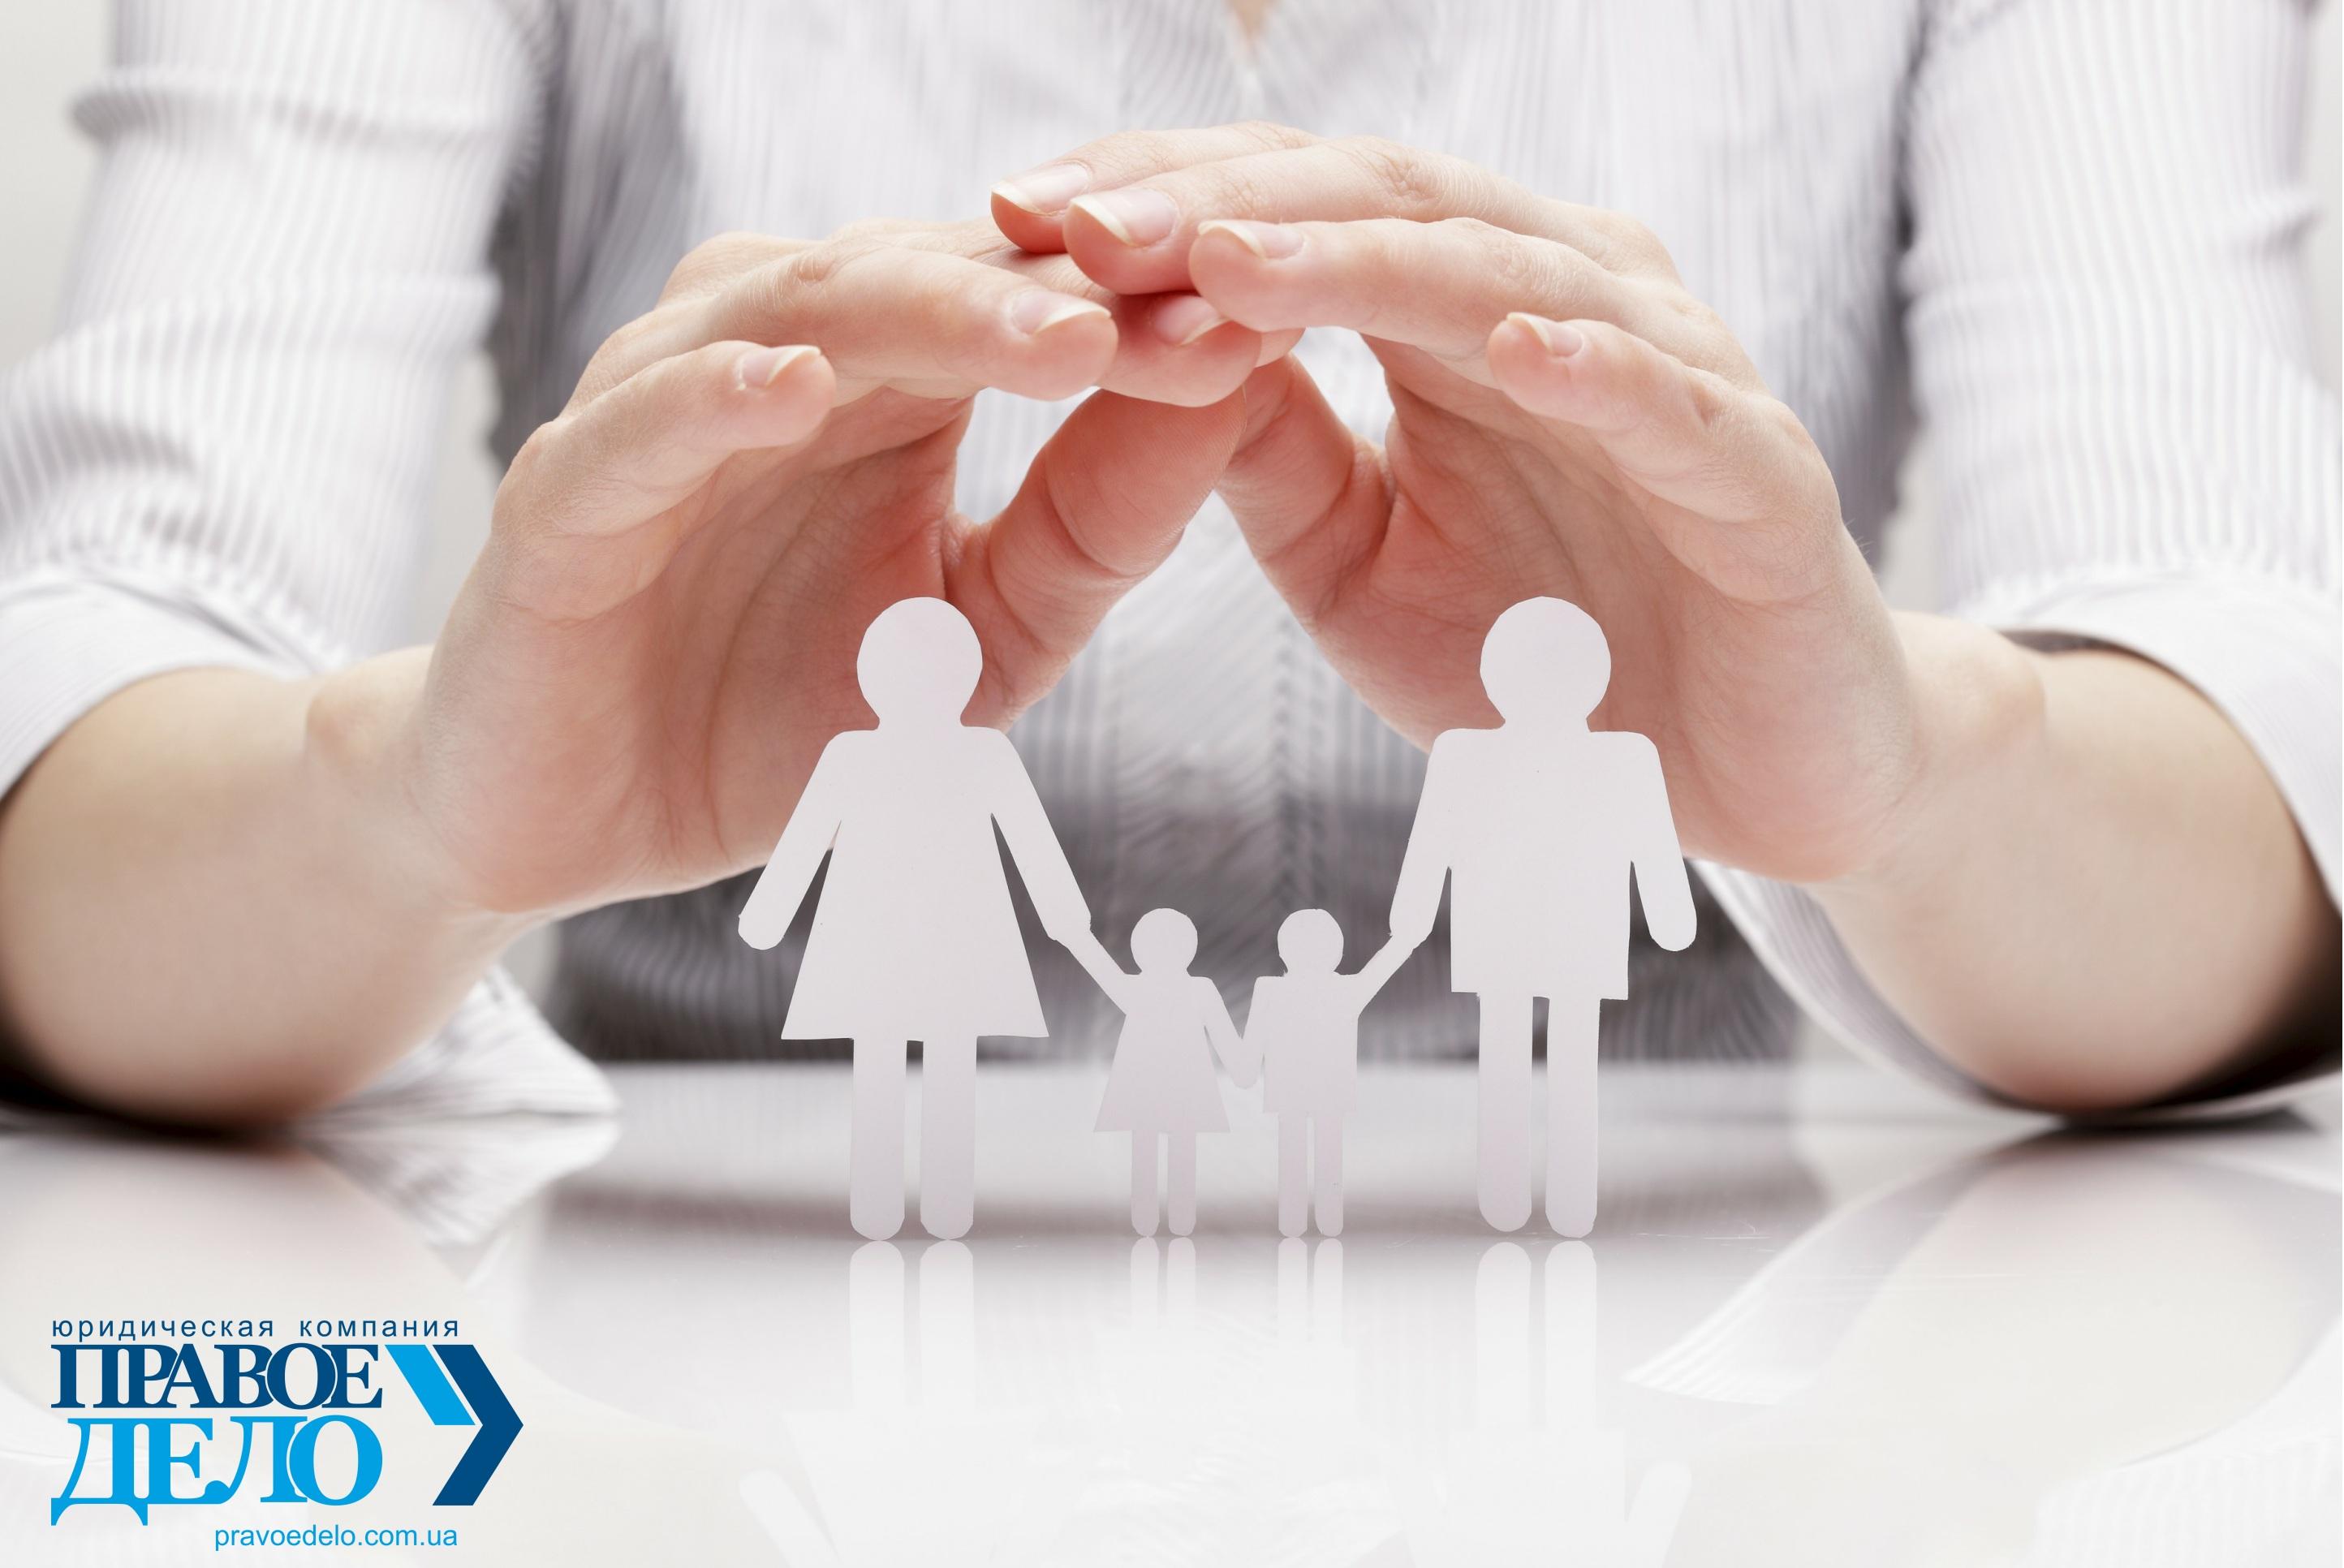 Правое дело предоставляет услуги семейного юриста для разрешения судебных споров